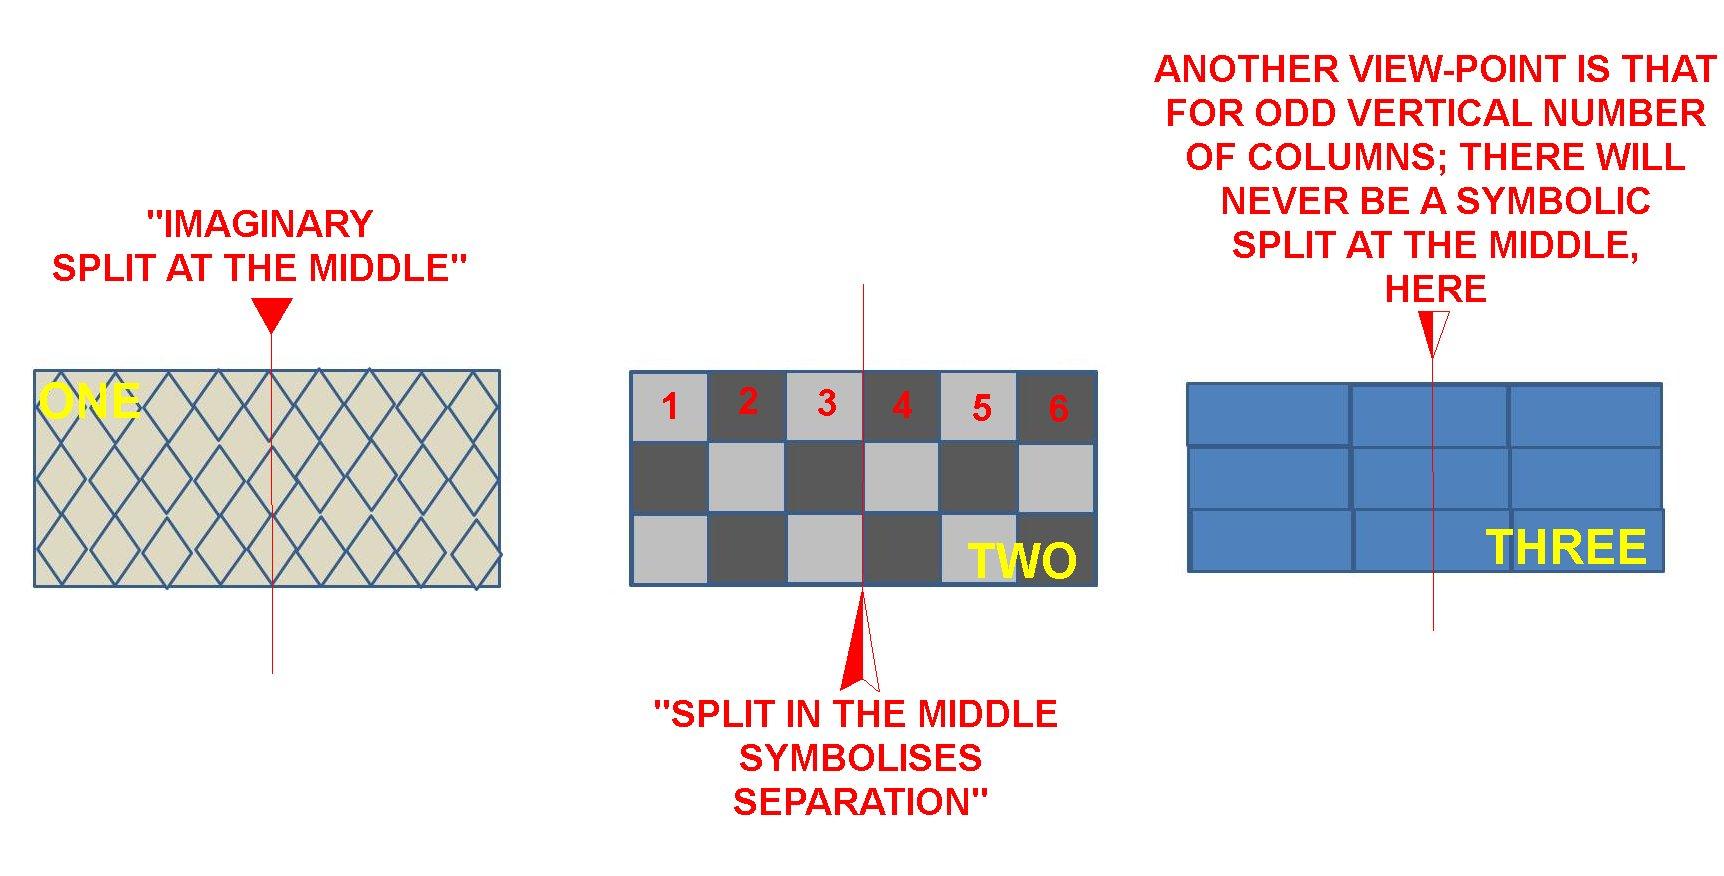 bed headboard pattern  general help  fengshui.geomancy, Headboard designs